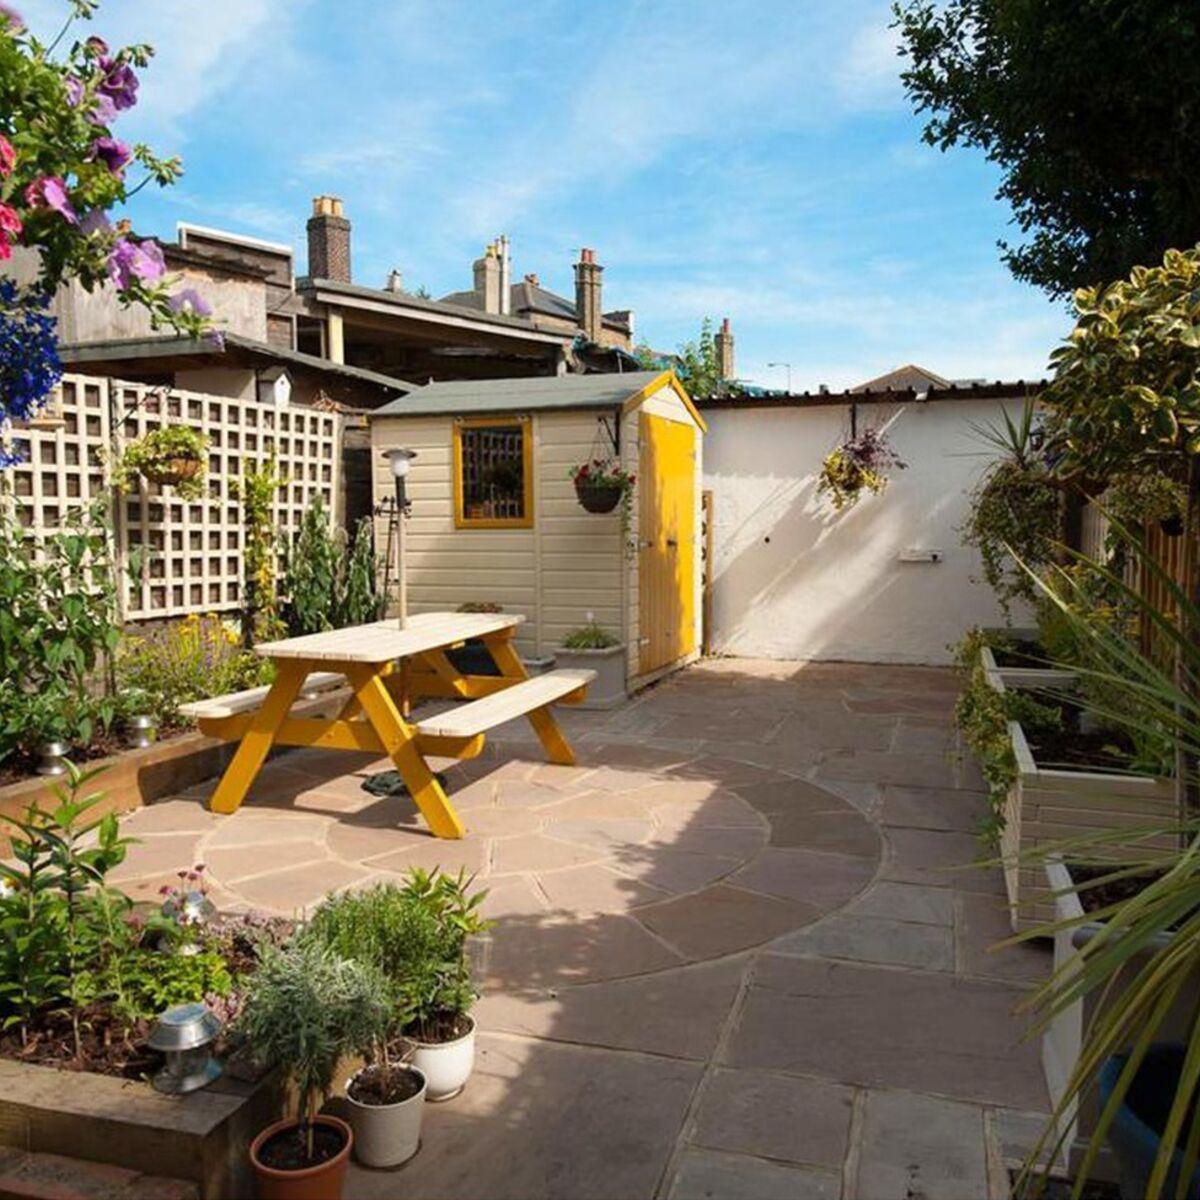 Aménagement Jardin Pas Cher aménagement extérieur : 8 idées pour rafraichir simplement